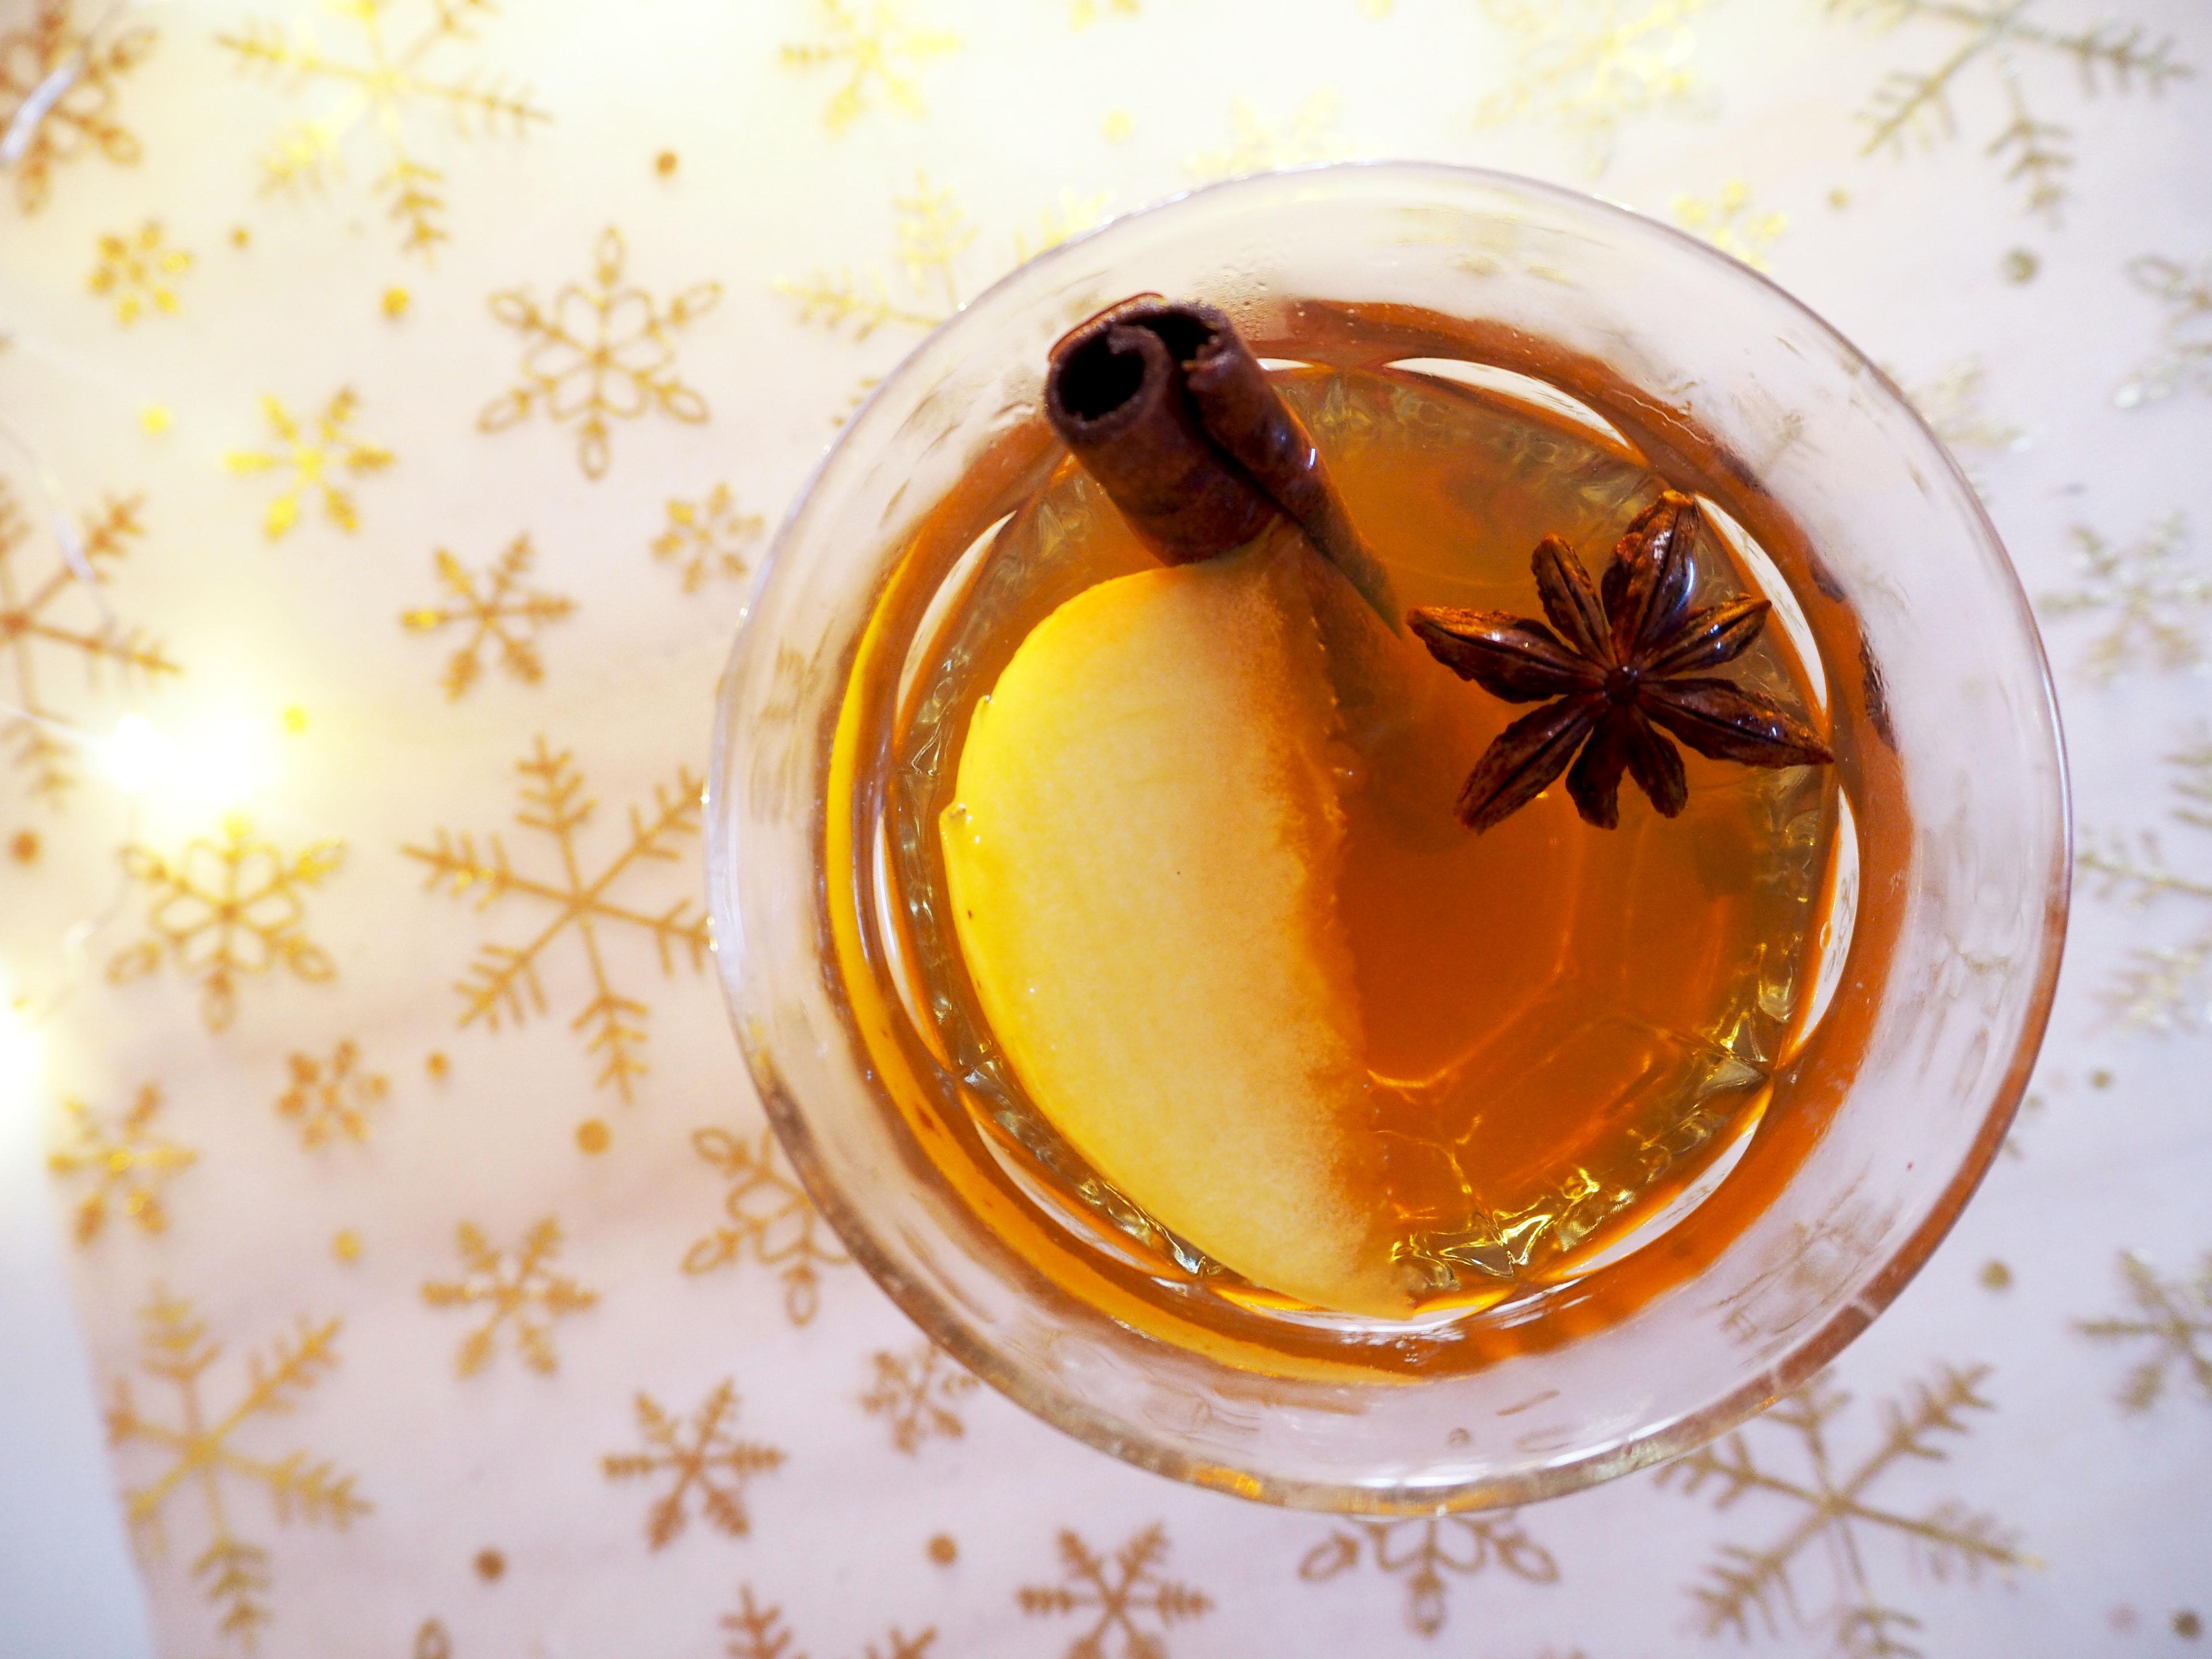 warme appelcider kuukskes adventskalender